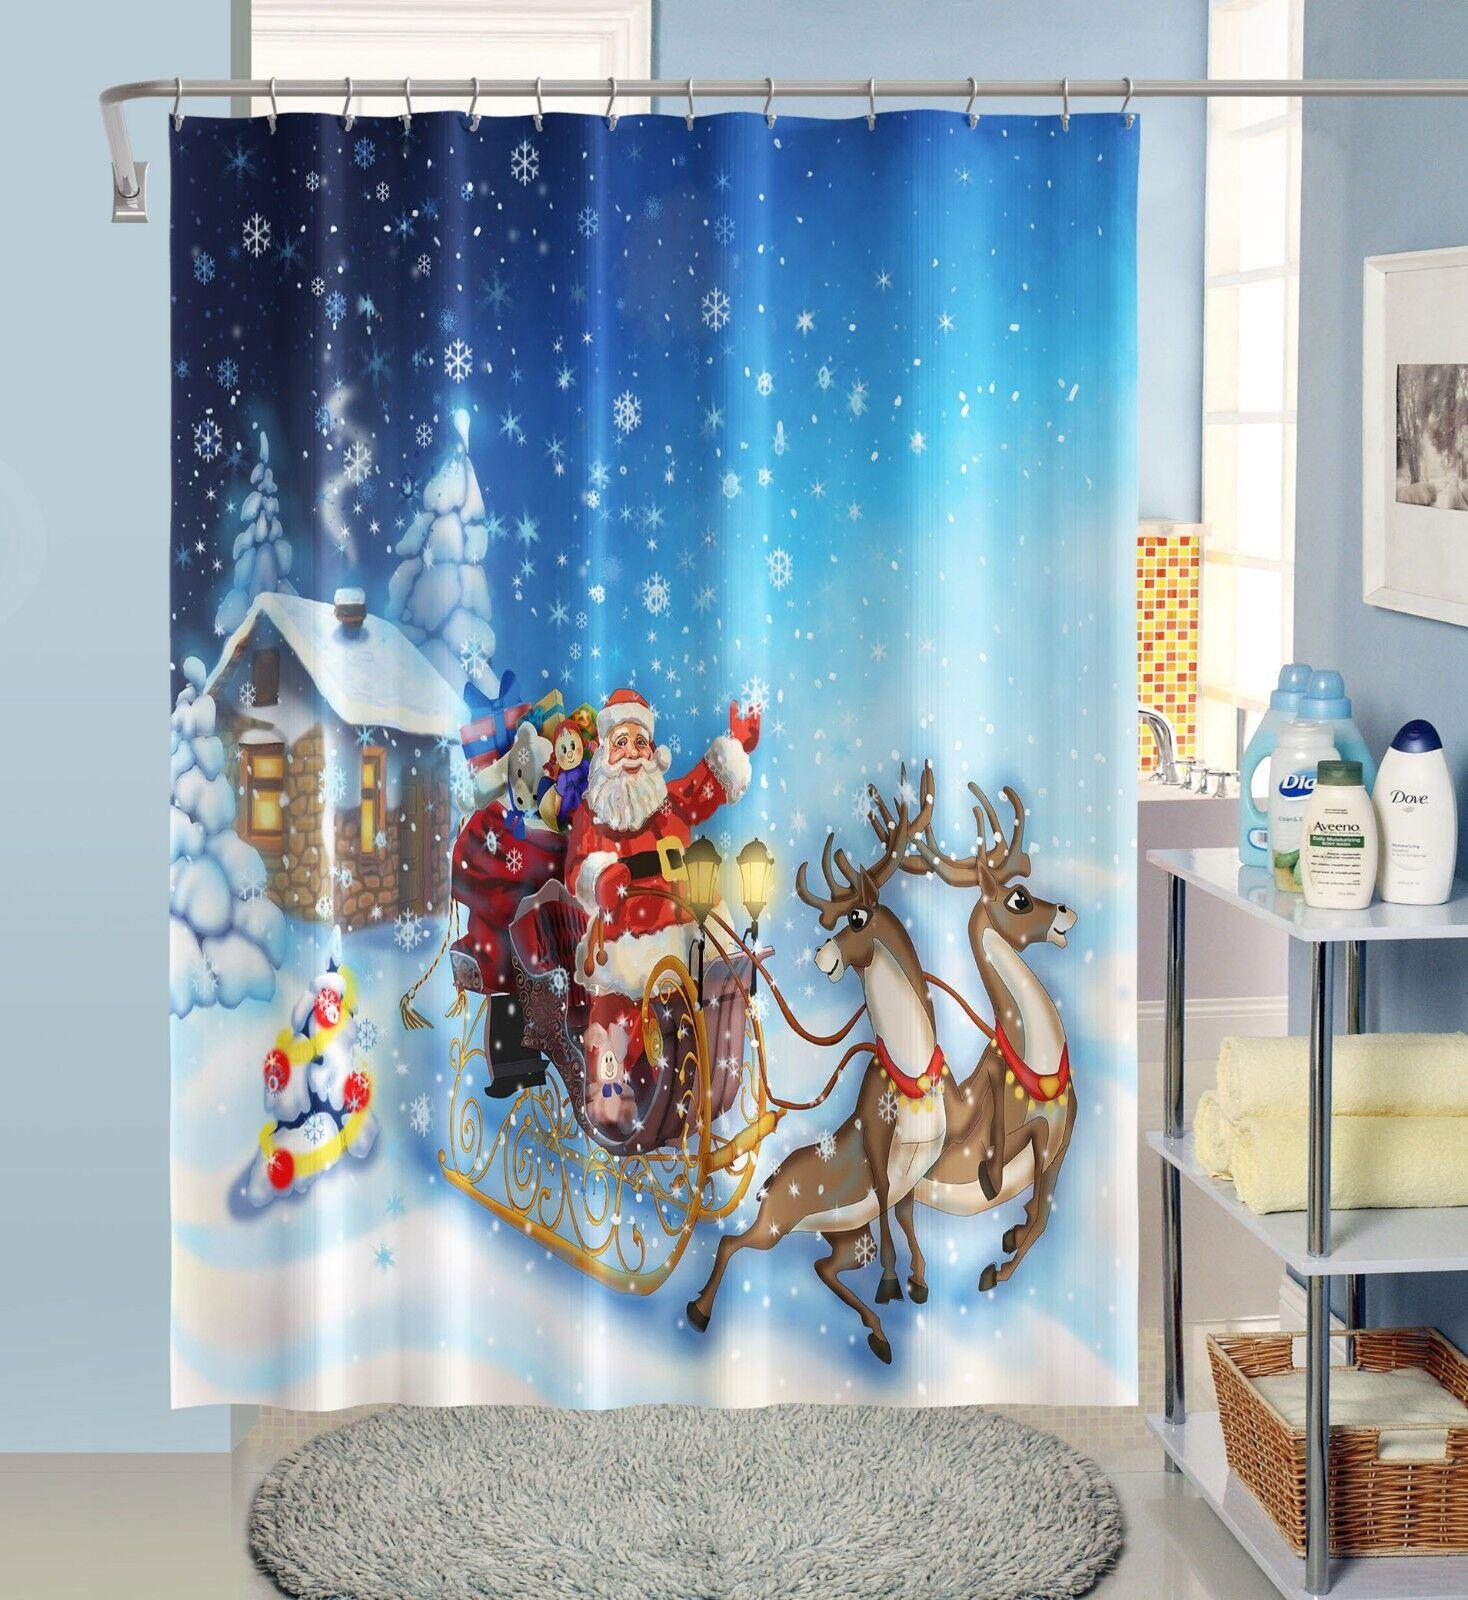 3D Weihnachten 63 Duschvorhang Wasserdicht Faser Bad Daheim Windows Toilette DE | Online Shop